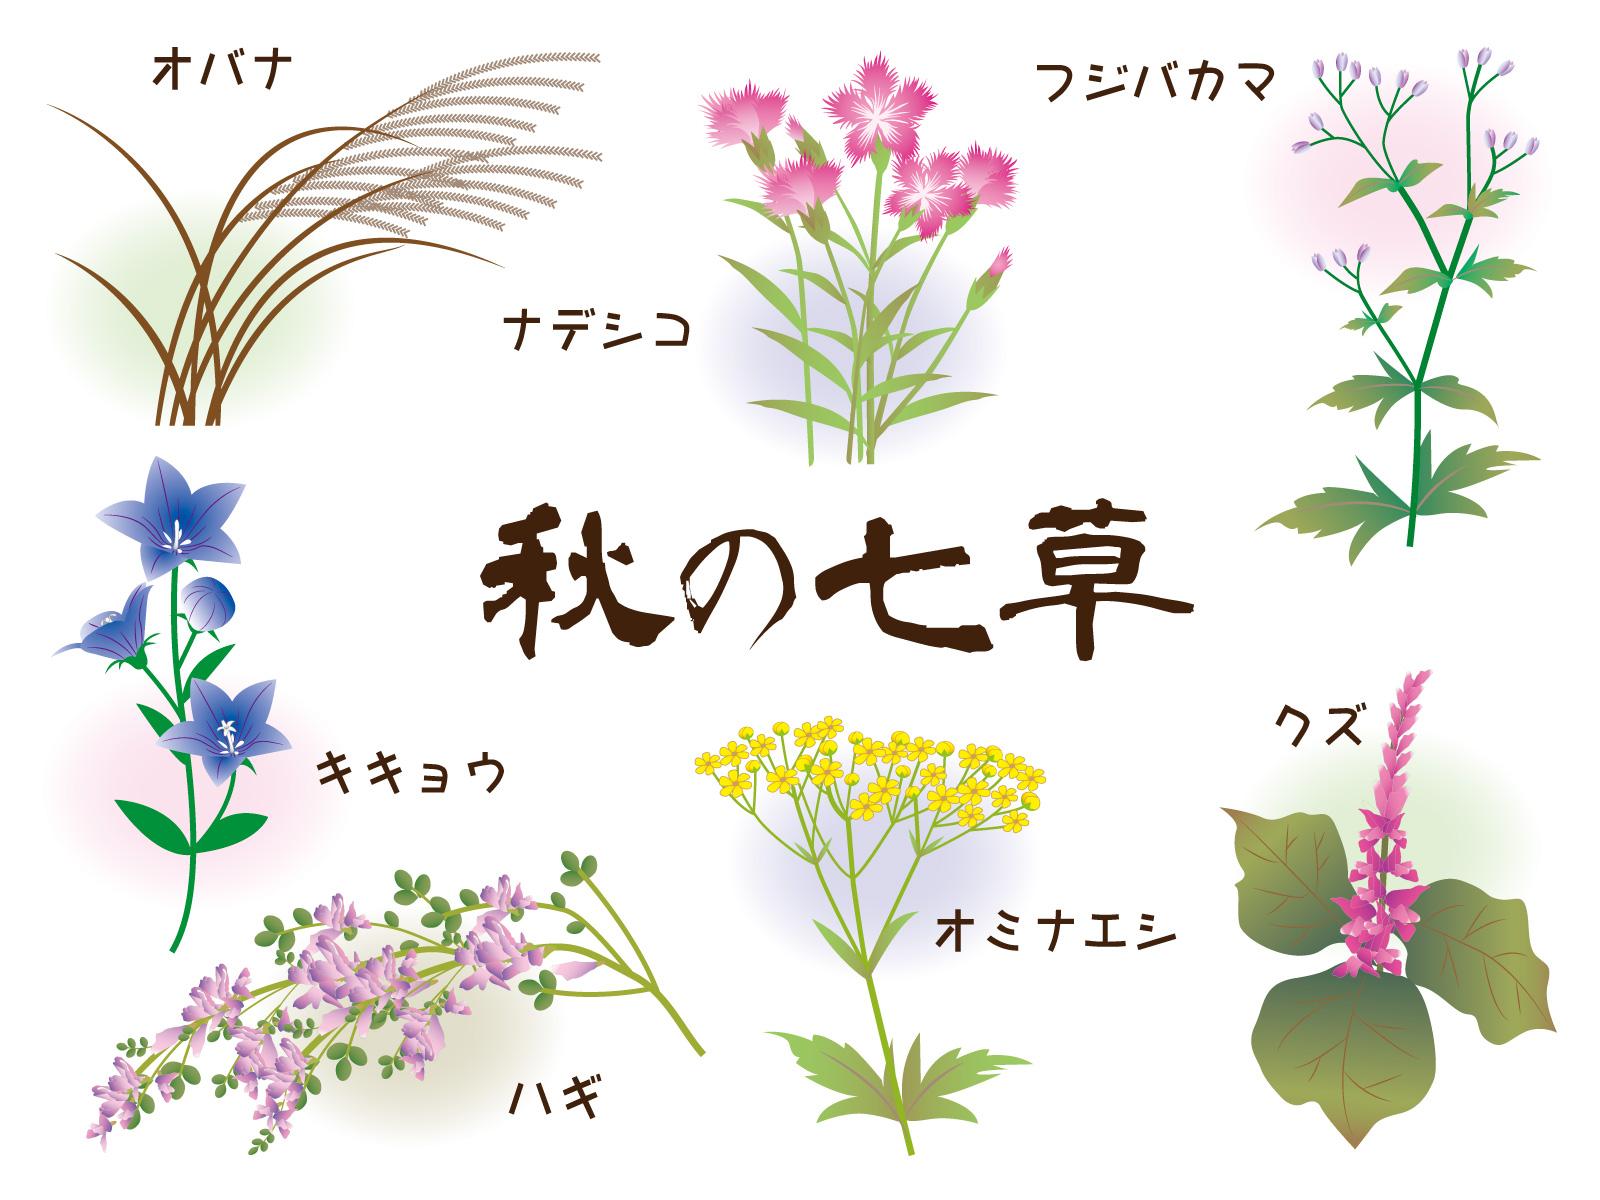 秋の七草を食べるのはいつ!?「秋の七草」の意味と種類 | 知恵ラボ